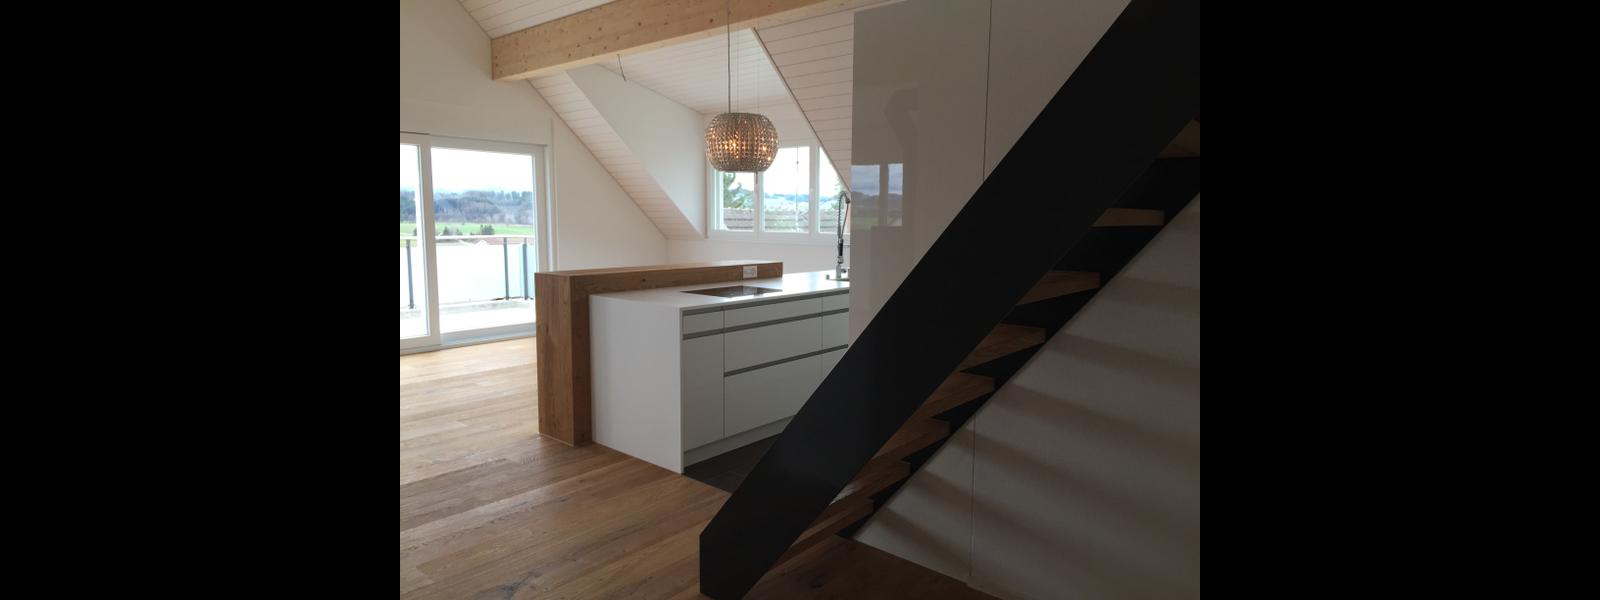 kontakt walter winteler. Black Bedroom Furniture Sets. Home Design Ideas